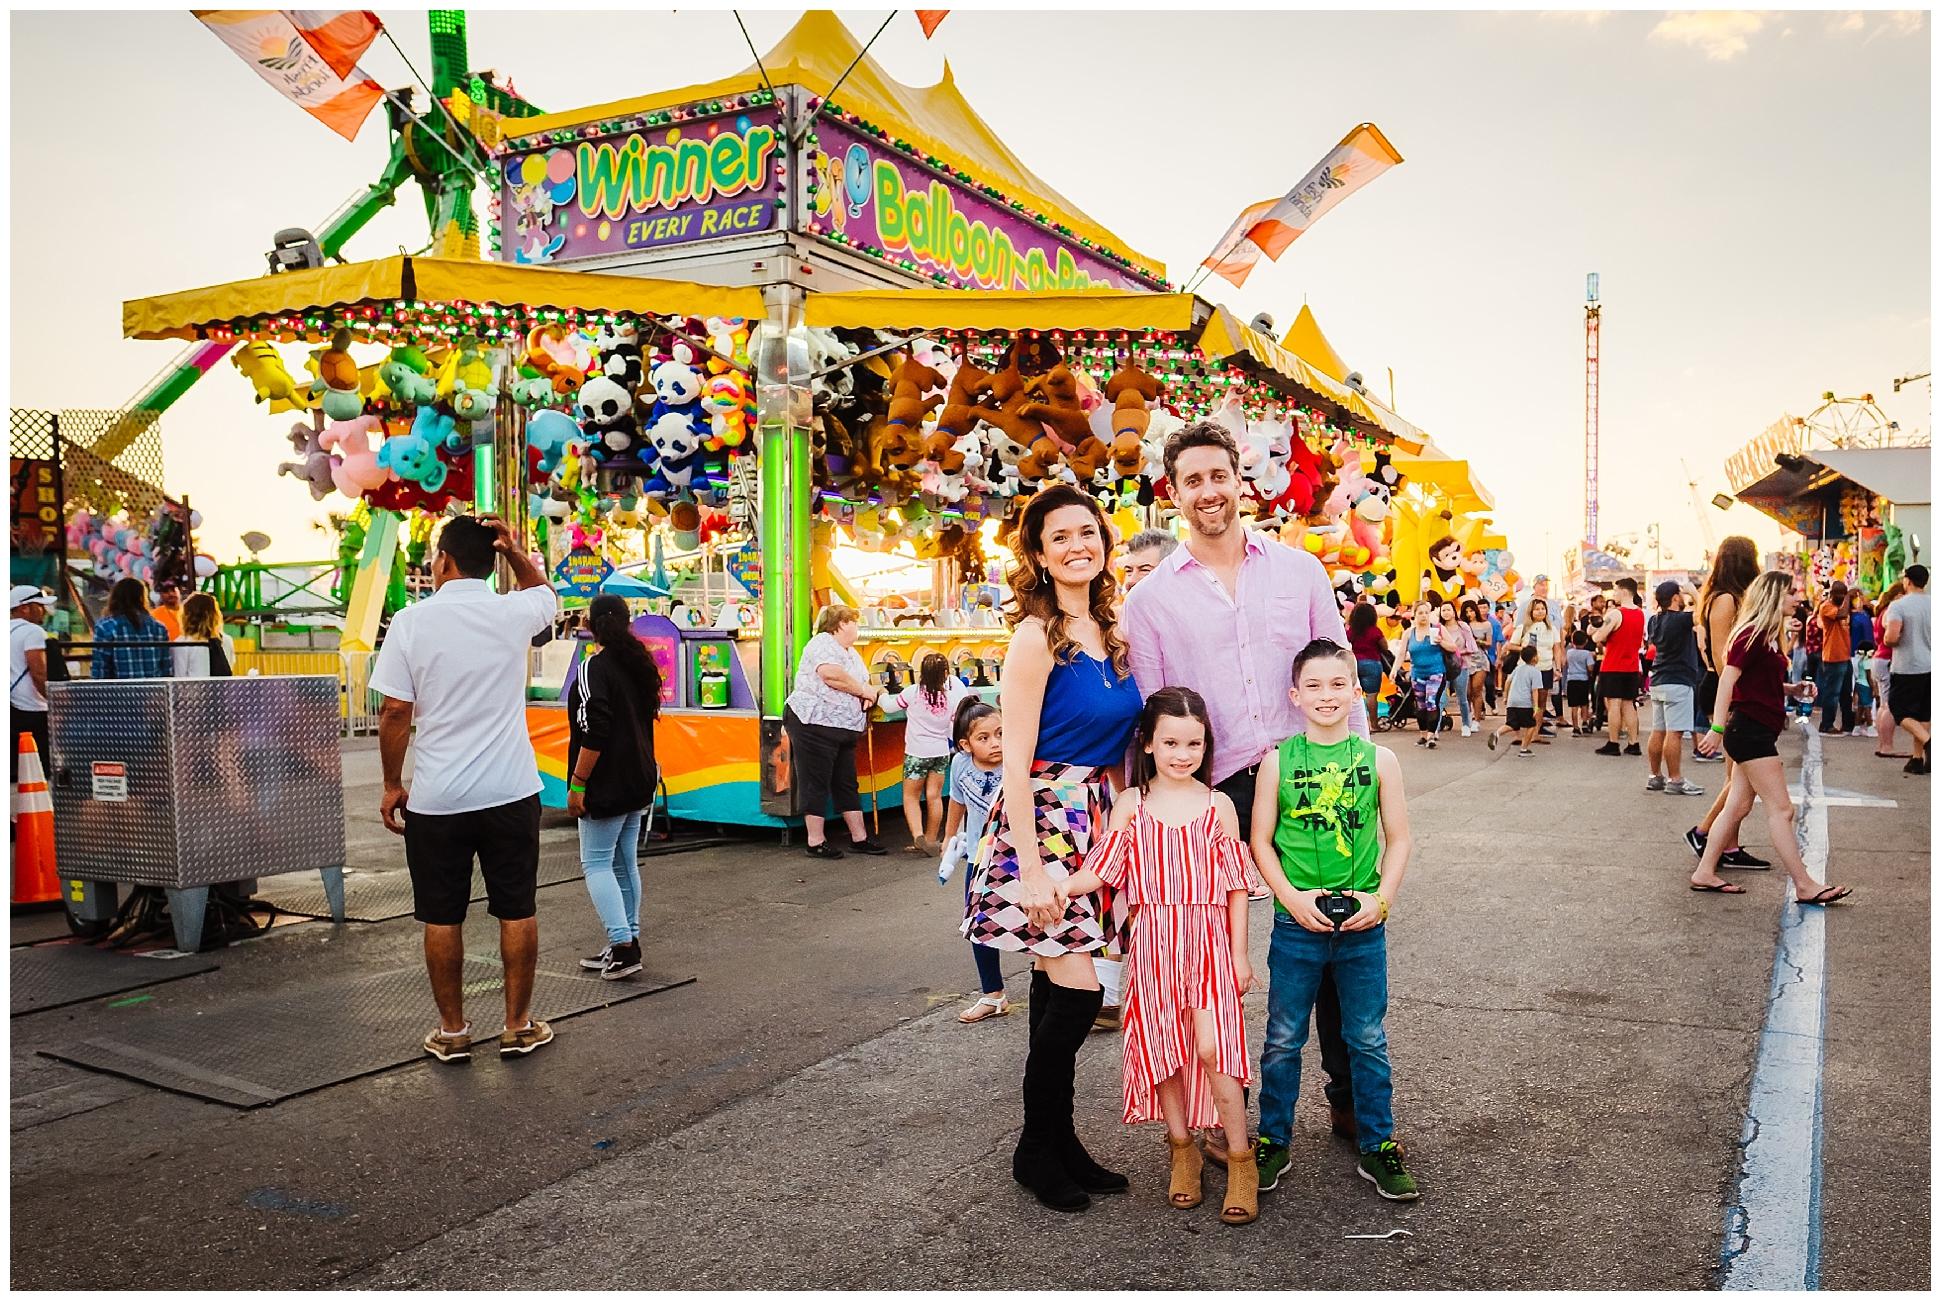 Tampa-colorful-fair-amusement park-dani family session_0019.jpg